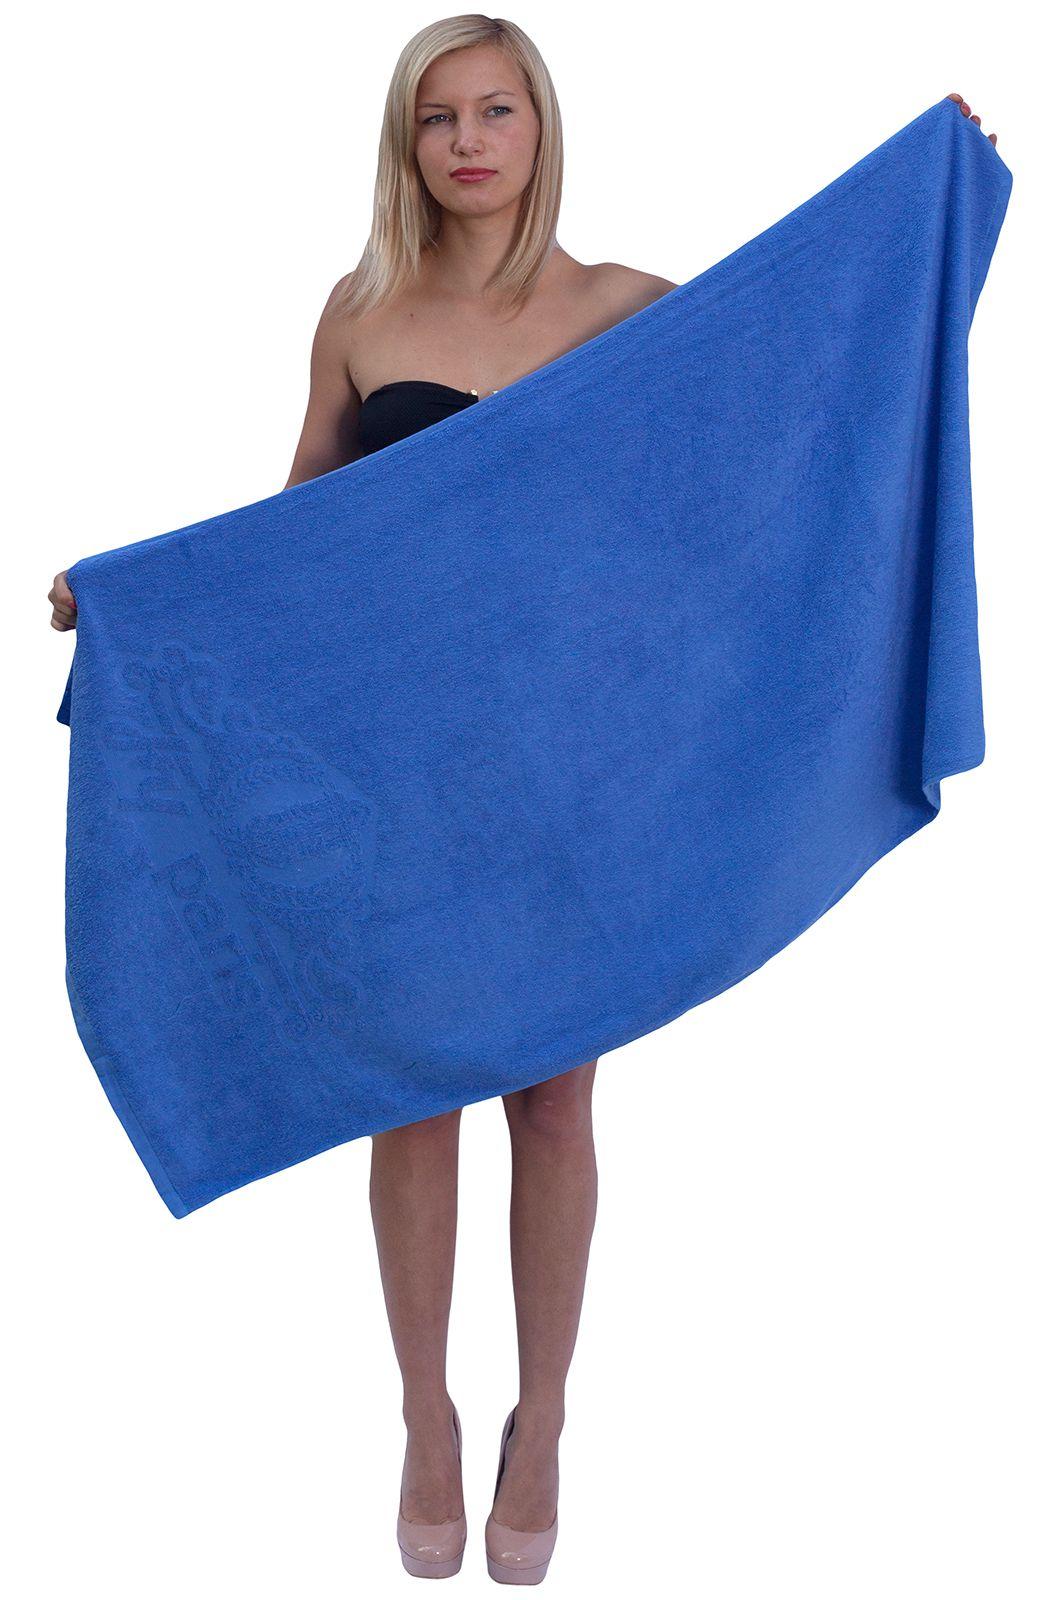 Банное полотенце - купить по низкой цене